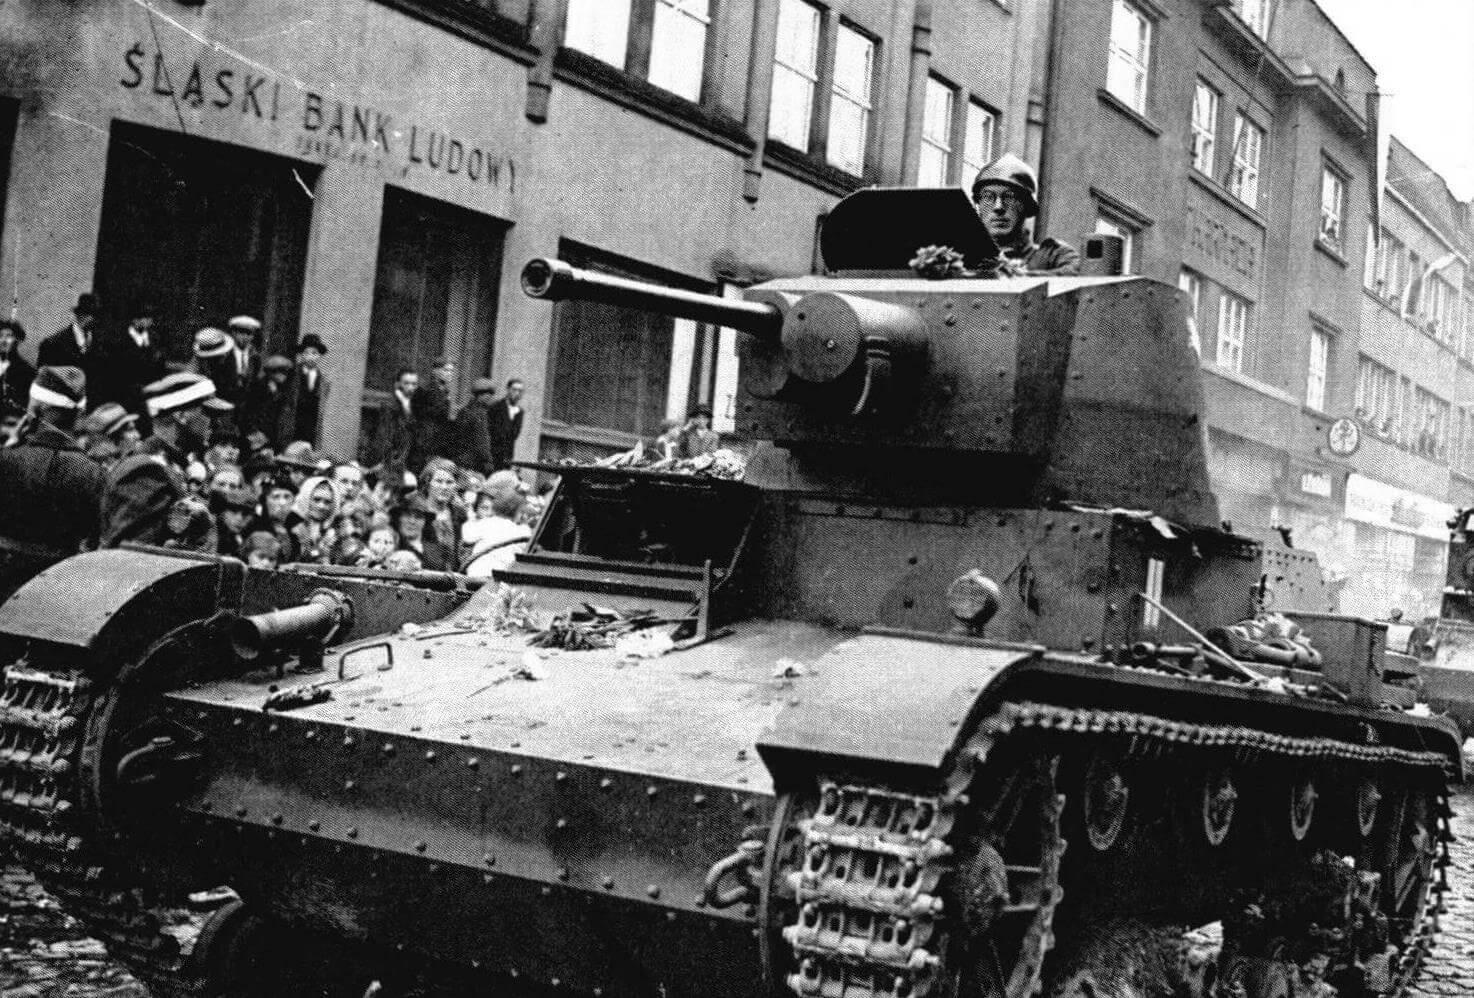 Однобашенный 7ТР на улице одного из городов Тешинской области Чехословакии. Сентябрь 1938 г. Согласованный с Германией захват части территории Чехословакии поляки считают «освобождением», точно такие же действия Красной Армии годом позже в отношении Польши, не иначе как агрессией